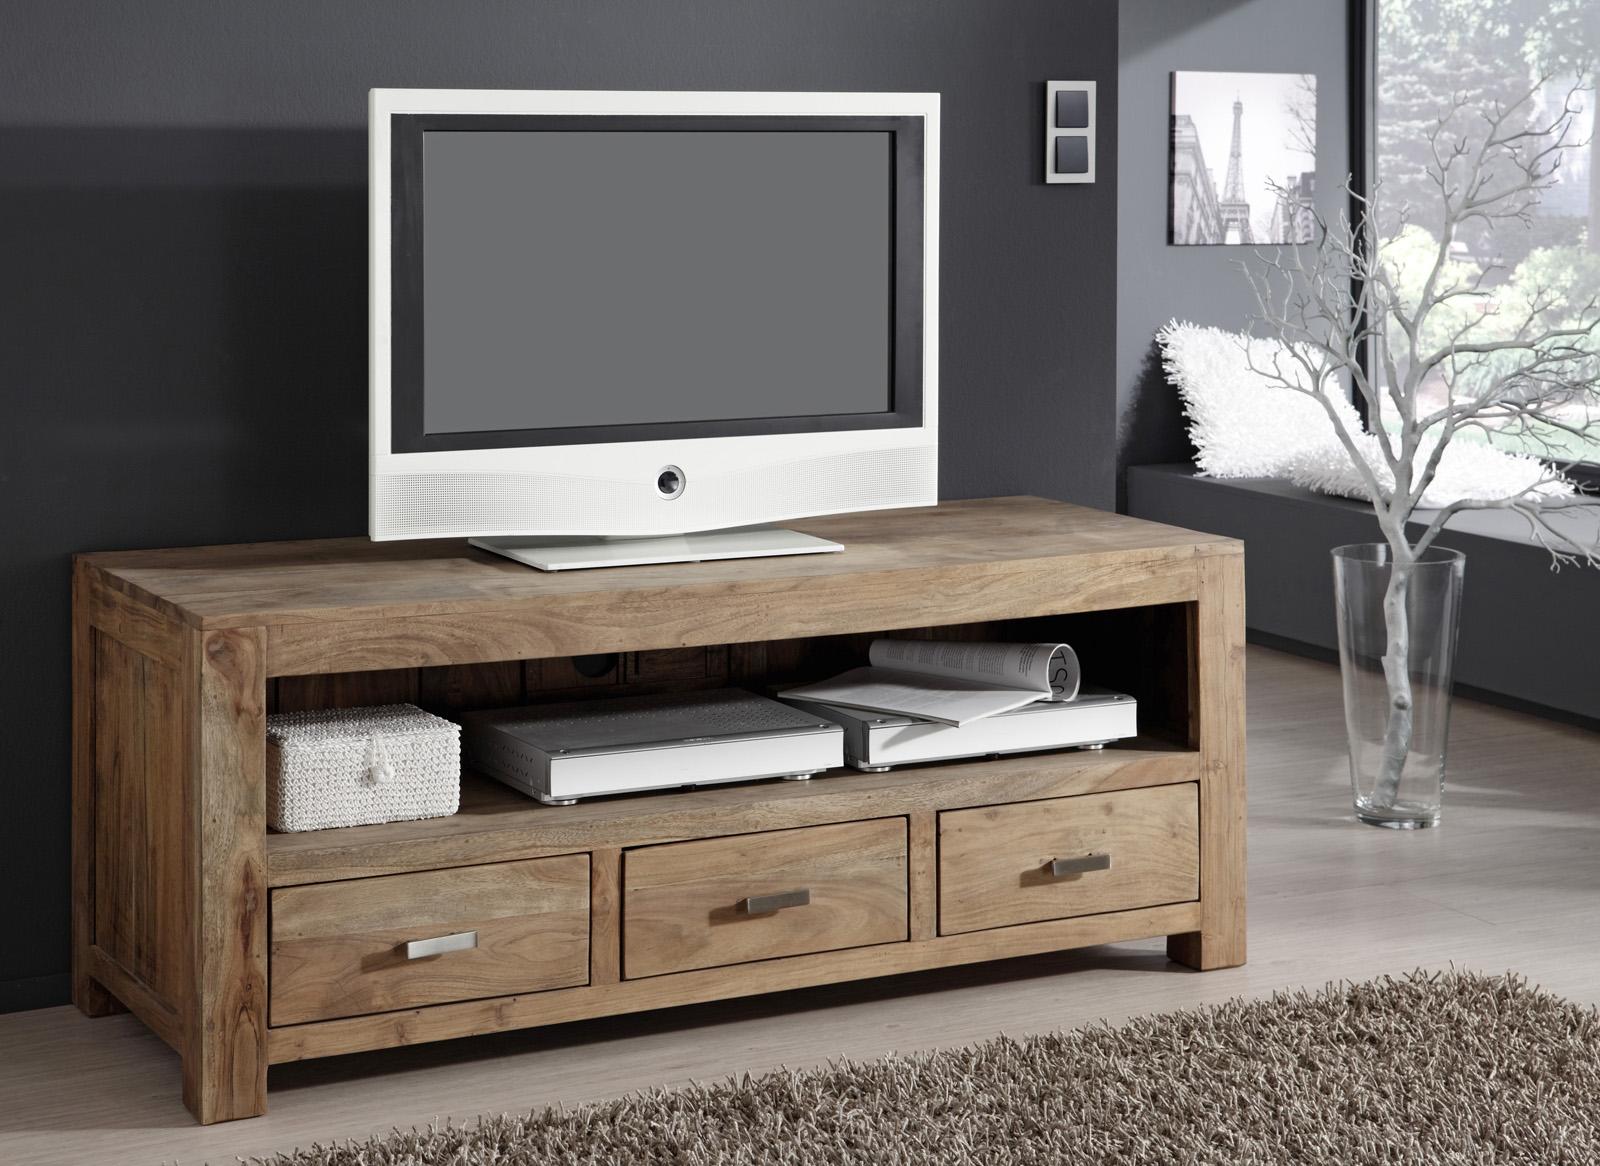 sam lowboard tv board 150 x 60 cm massiv akazie stone saber 6618. Black Bedroom Furniture Sets. Home Design Ideas